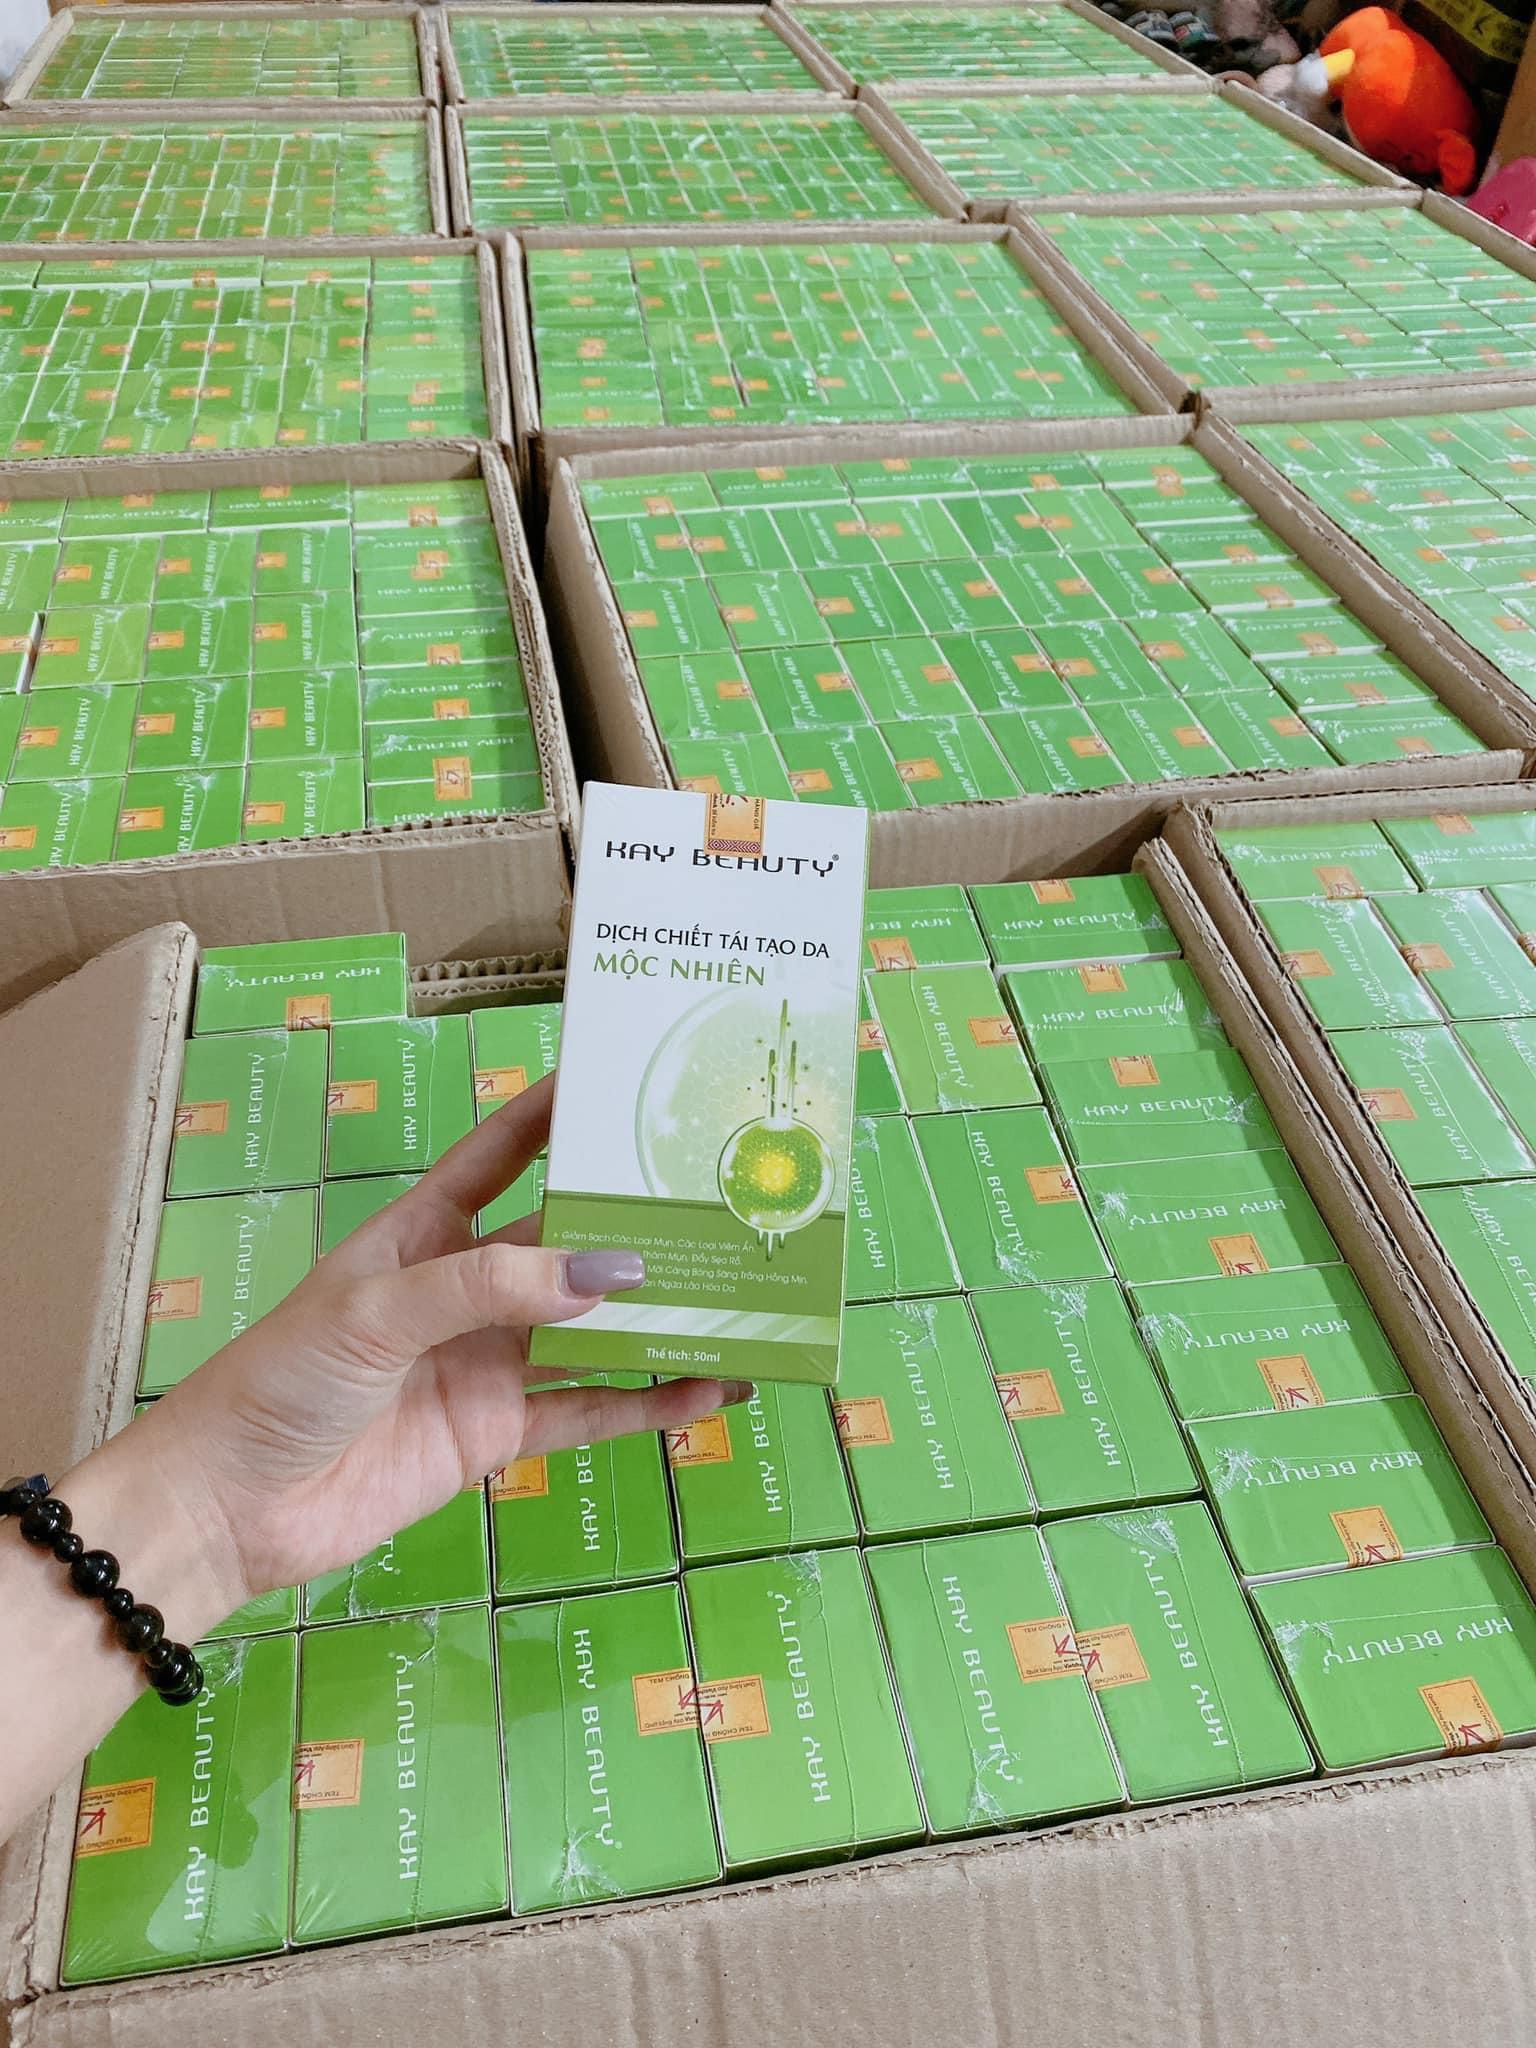 Dịch Chiết Giúp Tái Tạo Da Mộc Nhiên - Combo 3 chai Kay Beauty